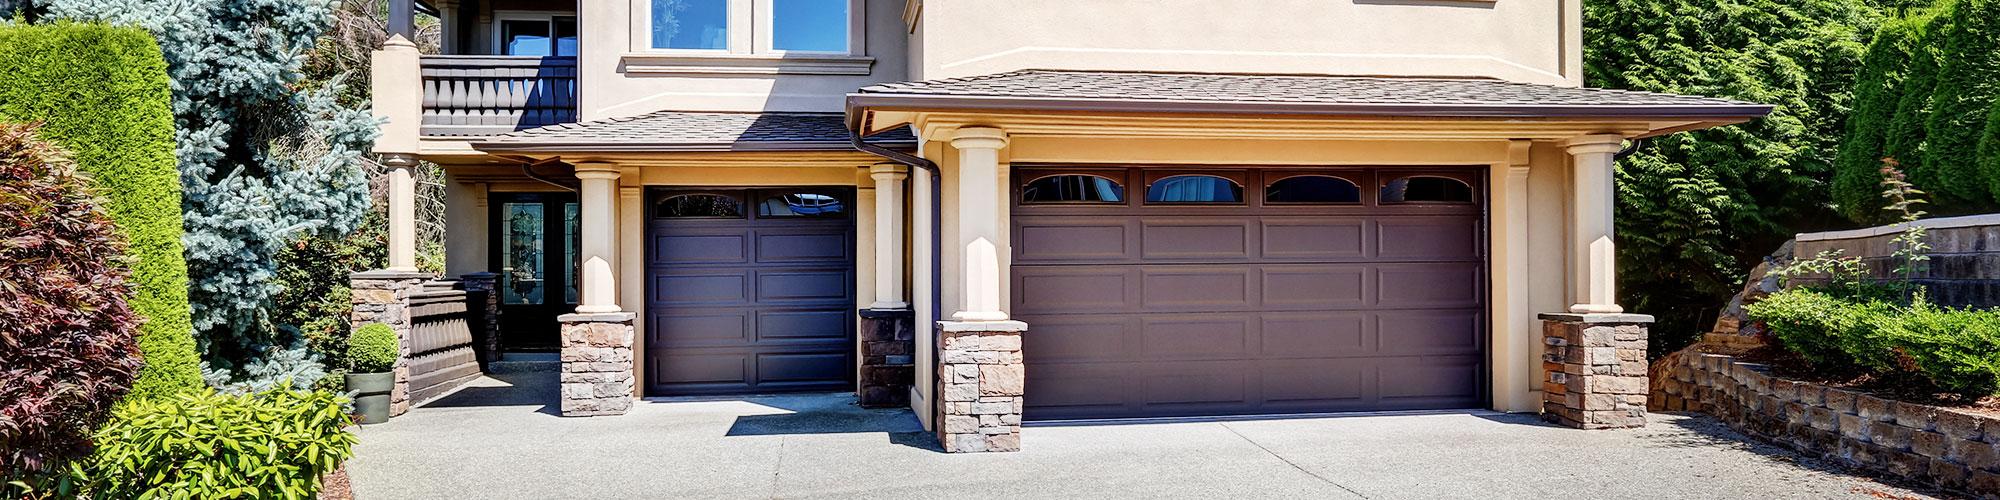 garage-door-los-angeles Garage Door Services